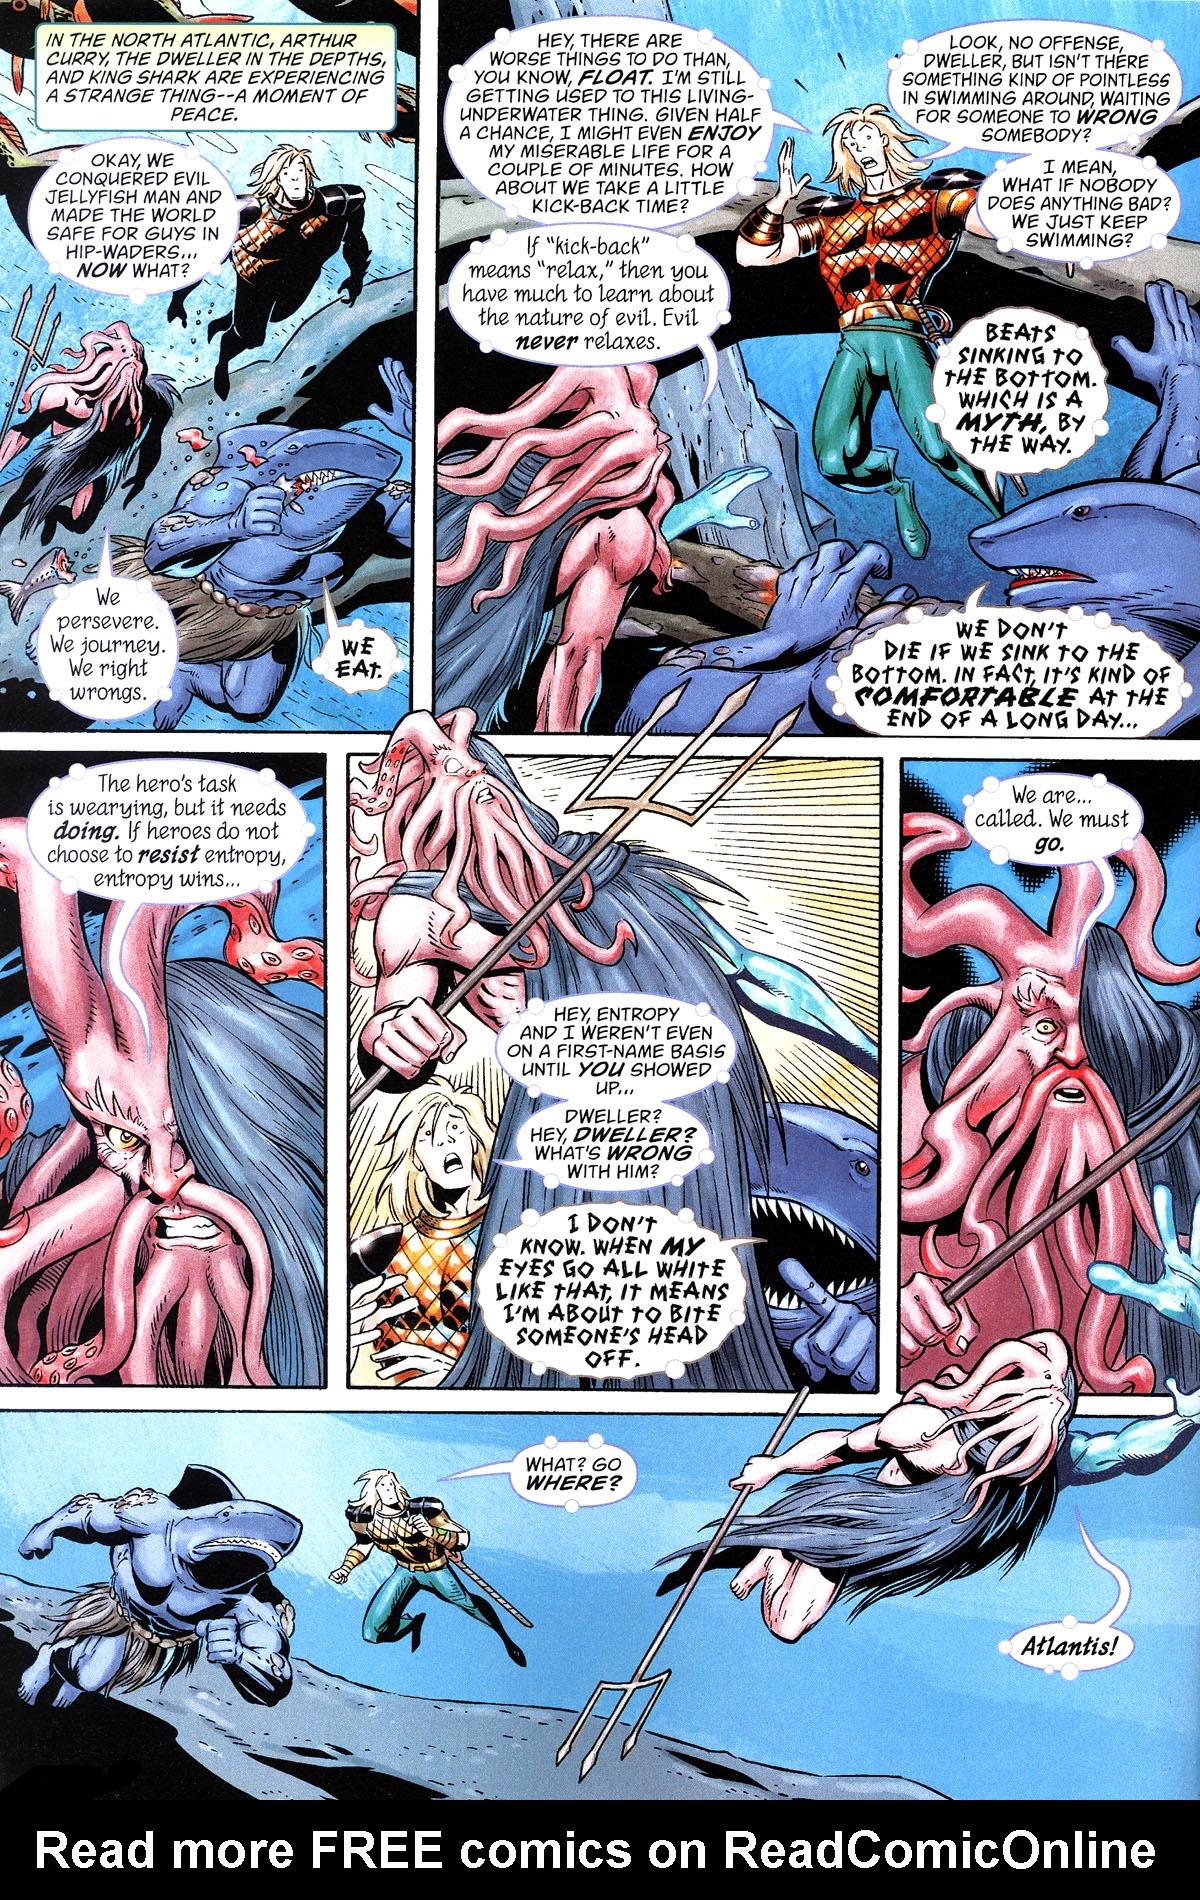 Read online Aquaman: Sword of Atlantis comic -  Issue #50 - 5